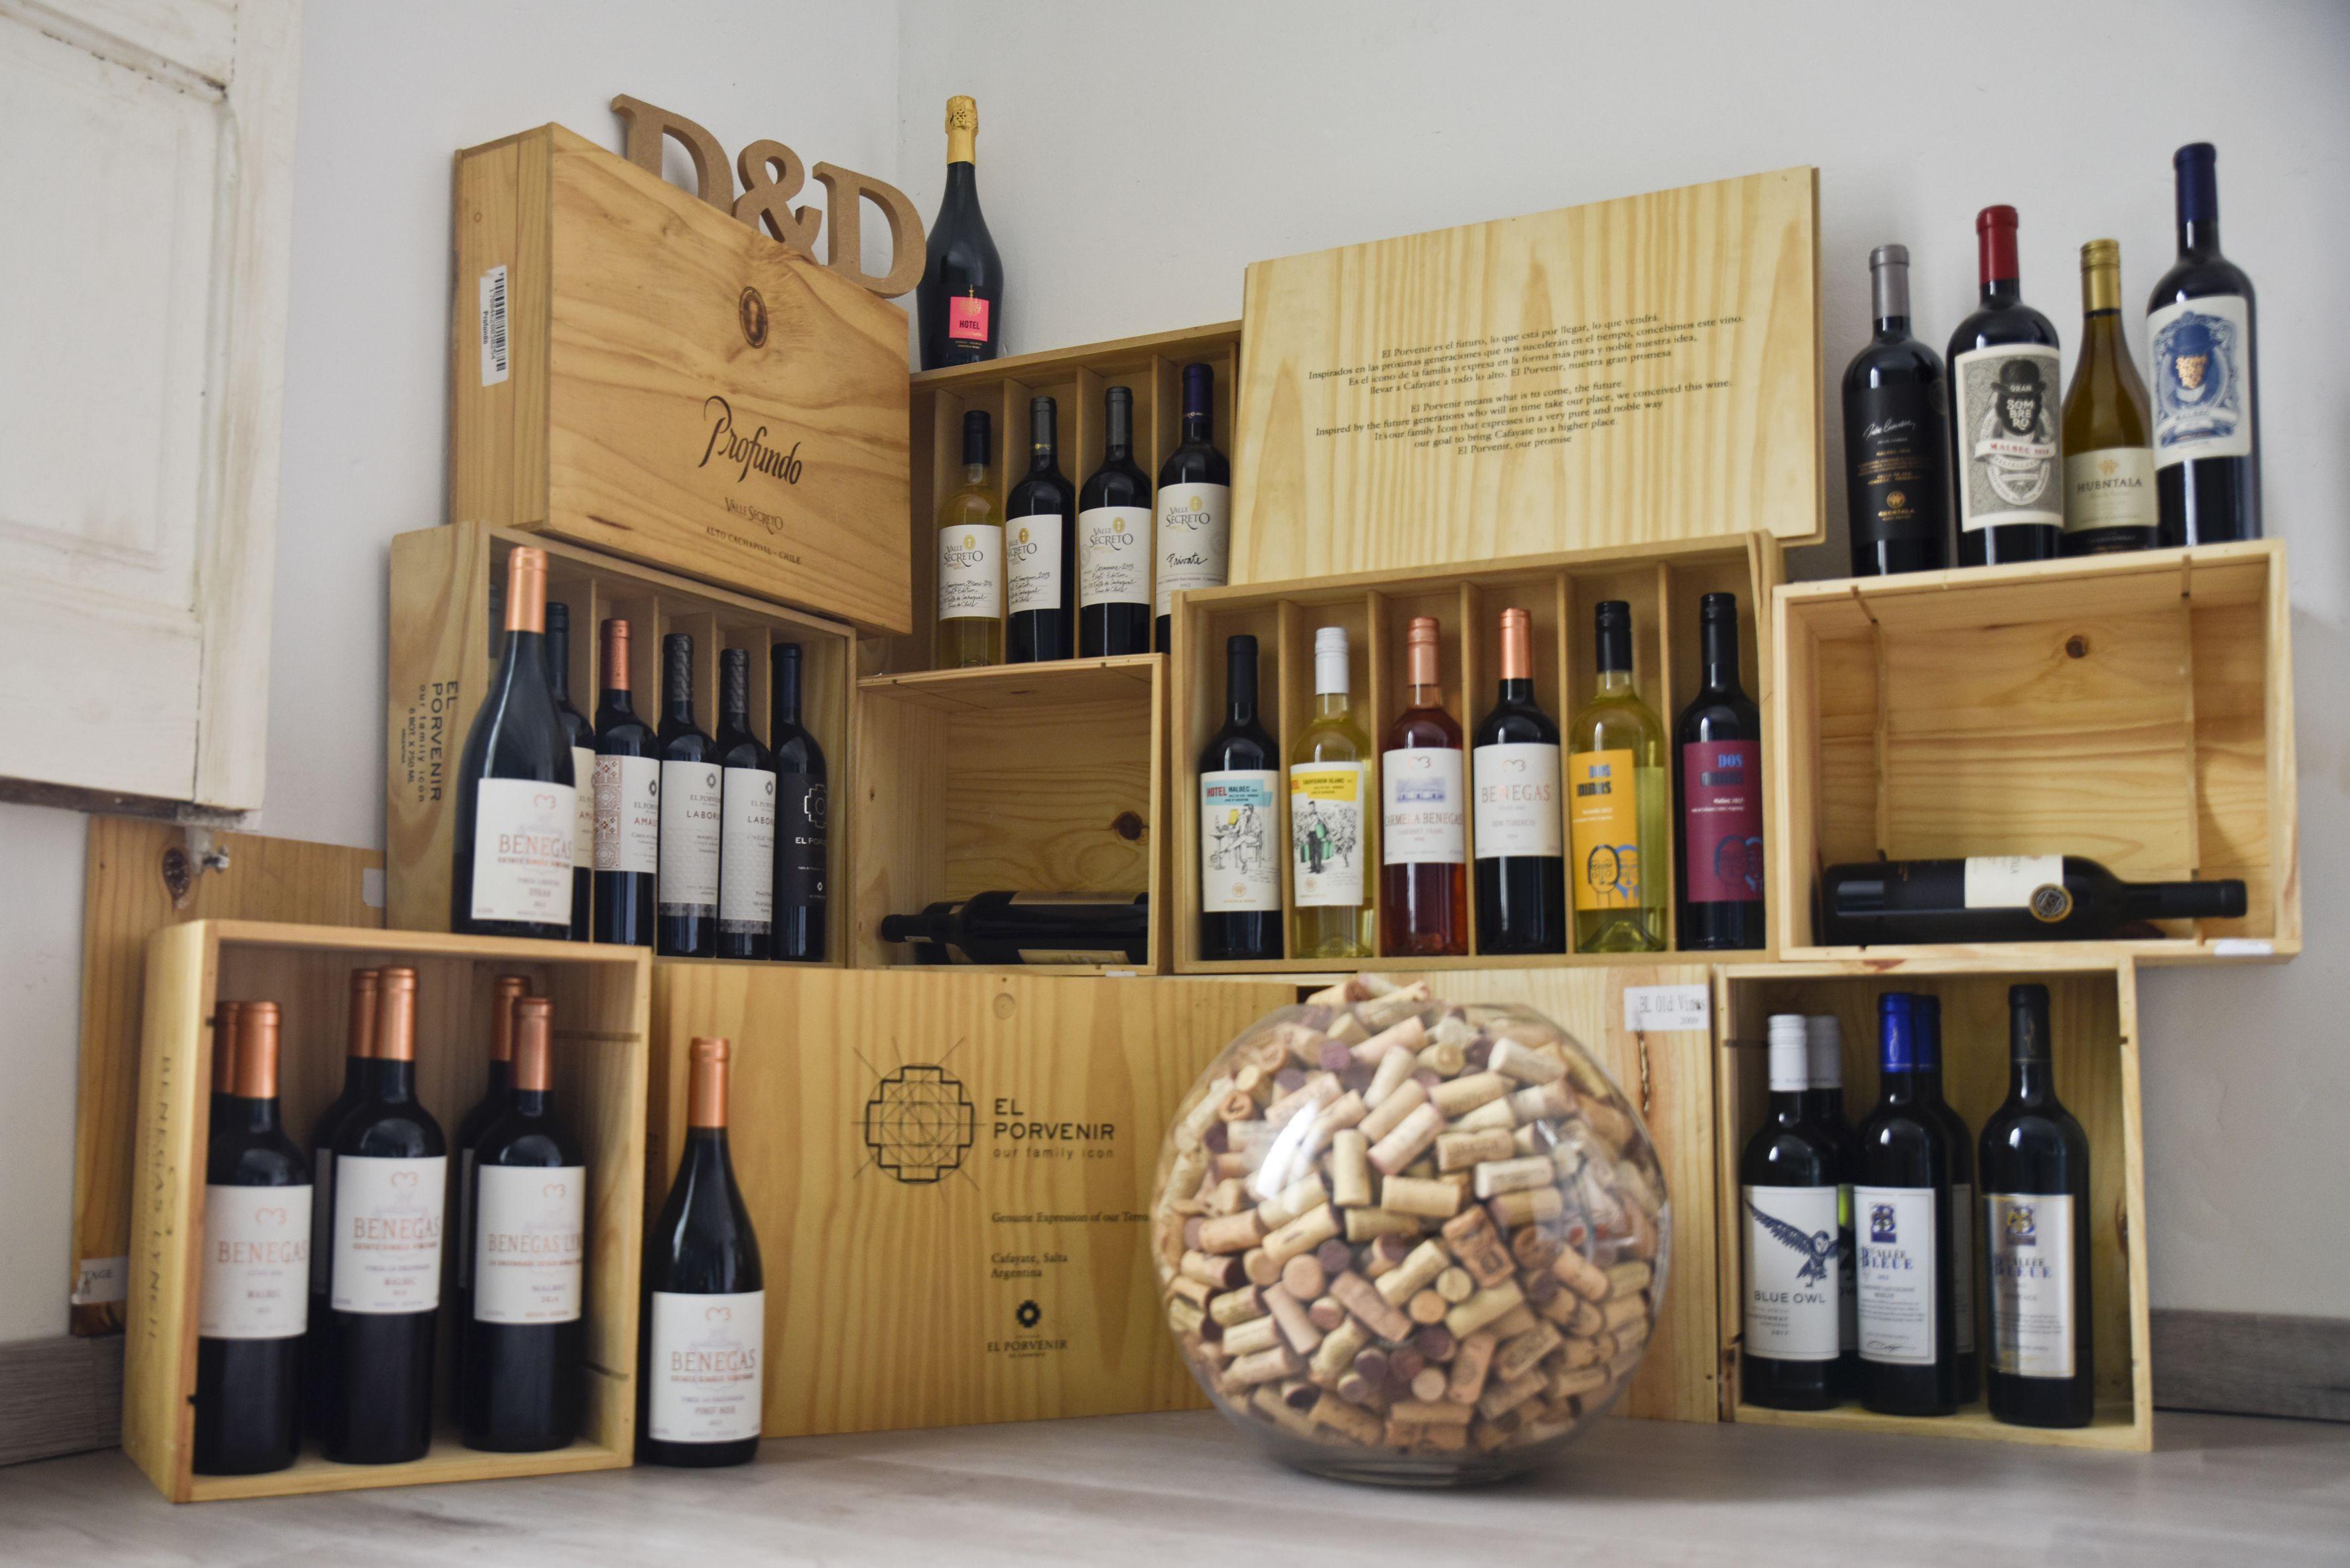 Els millors vins del món escollits amb una selecció rigorosa. FOTO: Bernat Millet